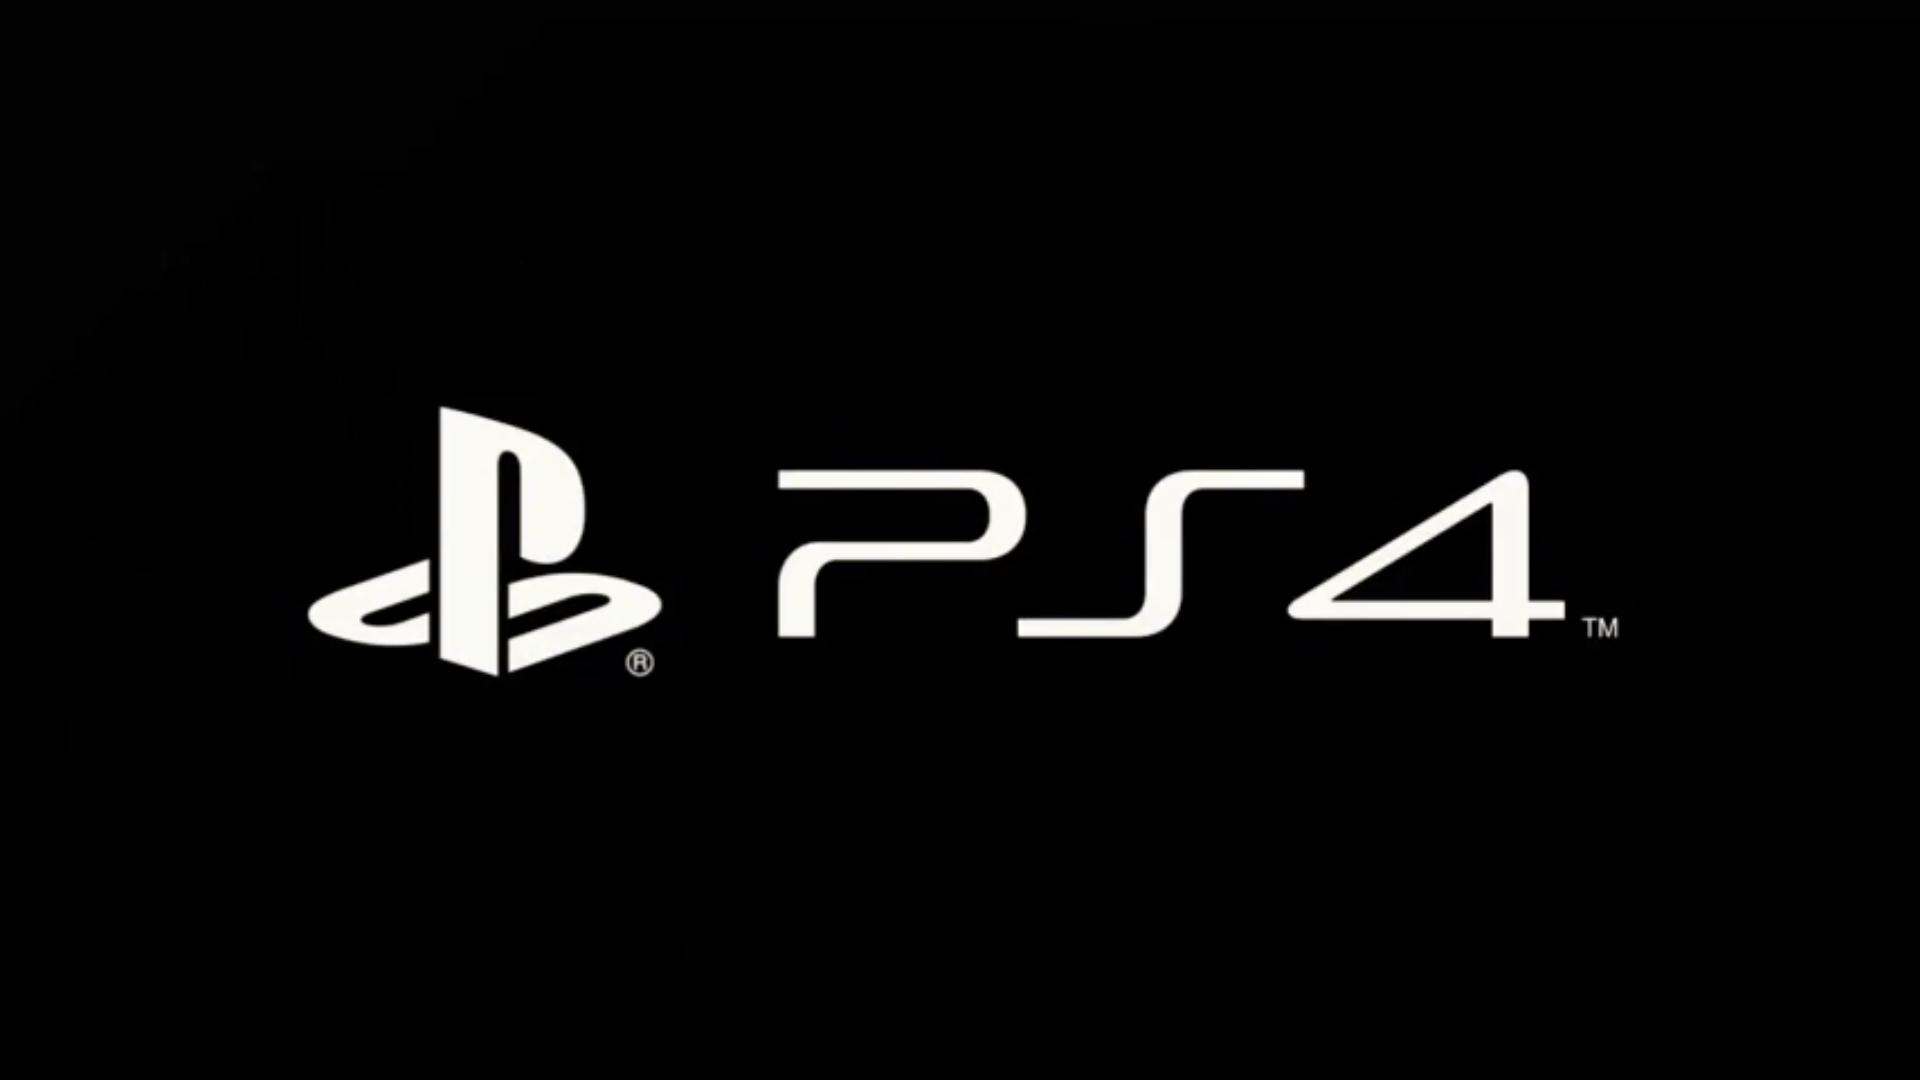 Playstation PNG HD